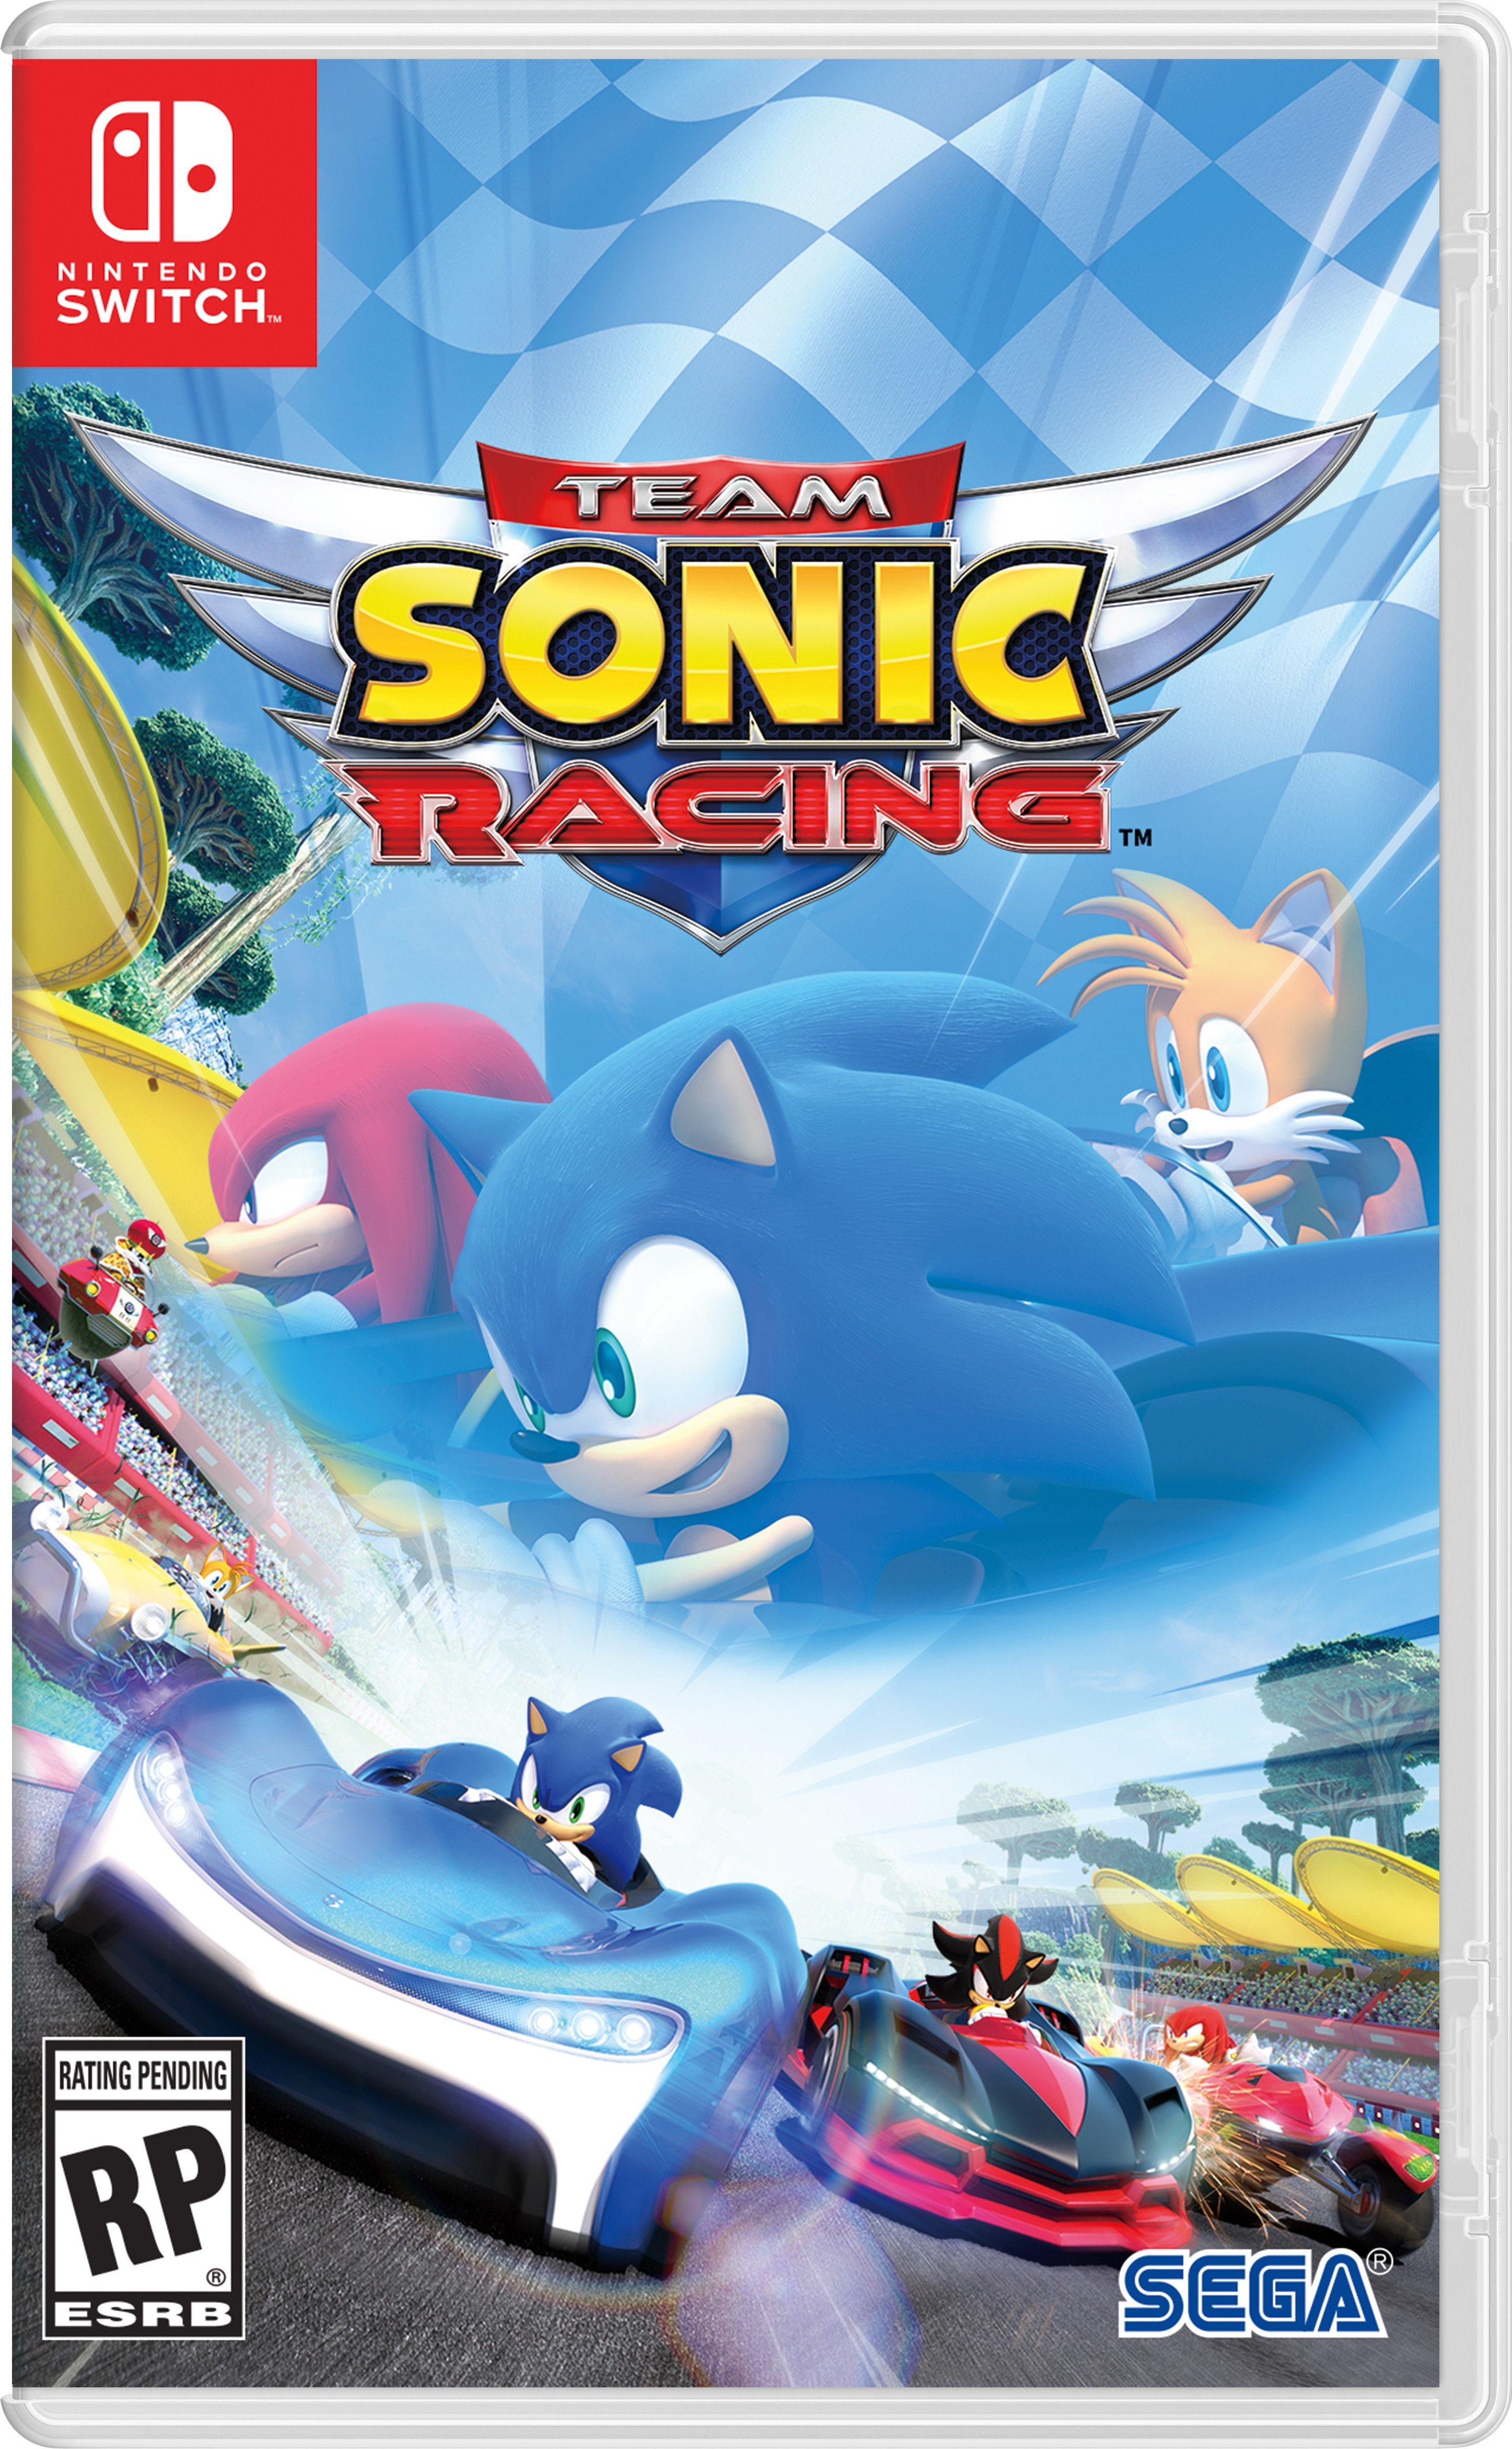 Team-Sonic-Racing_Wal-mart_05-30-18_004.